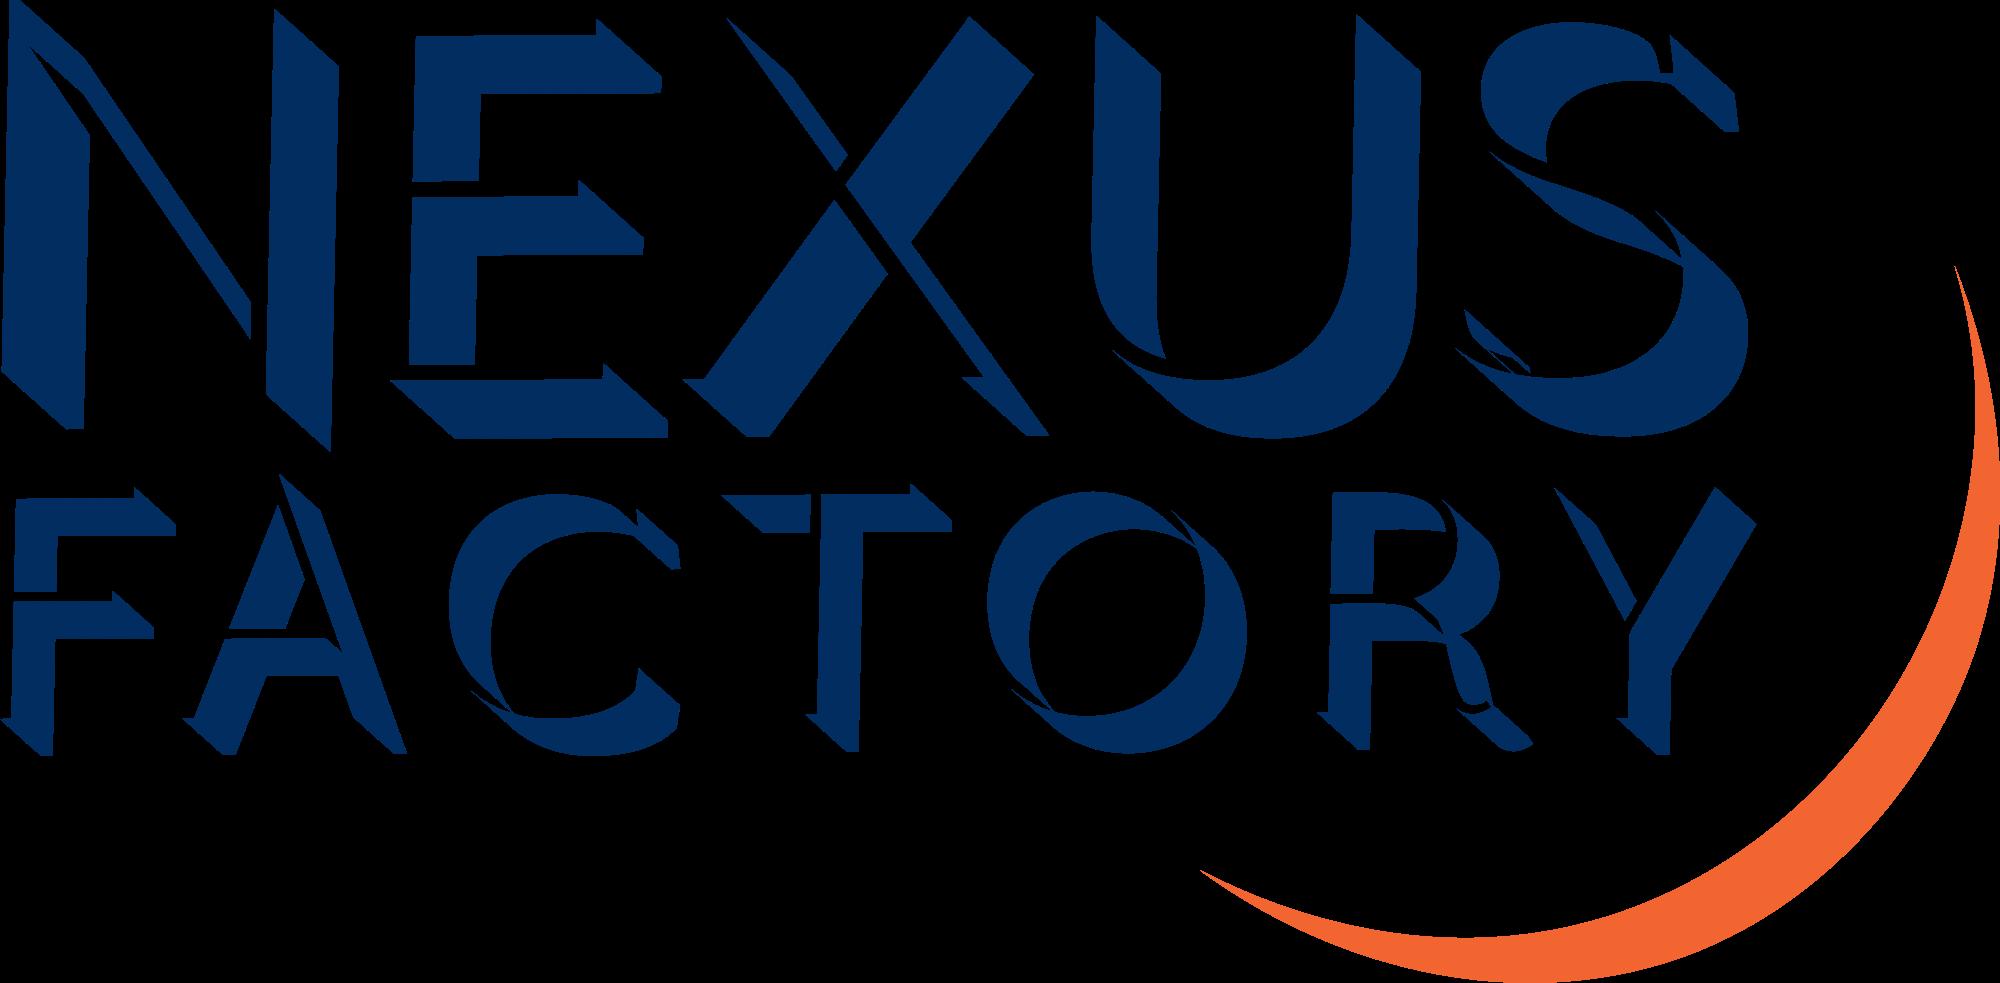 Nexus Factory